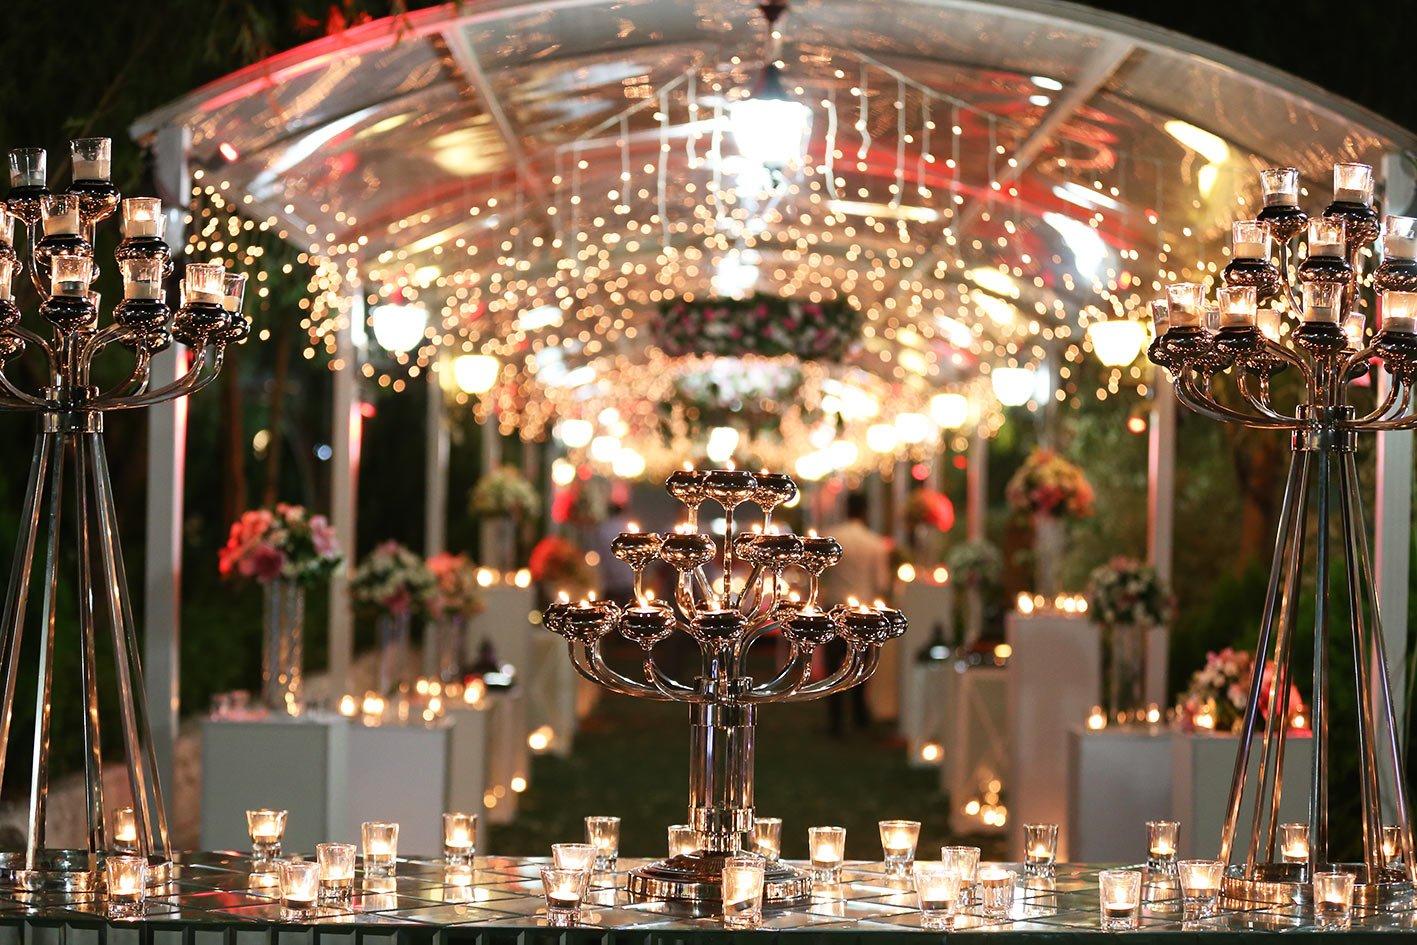 نورپردازی مراسم عروسی و شمع آرایی سالن